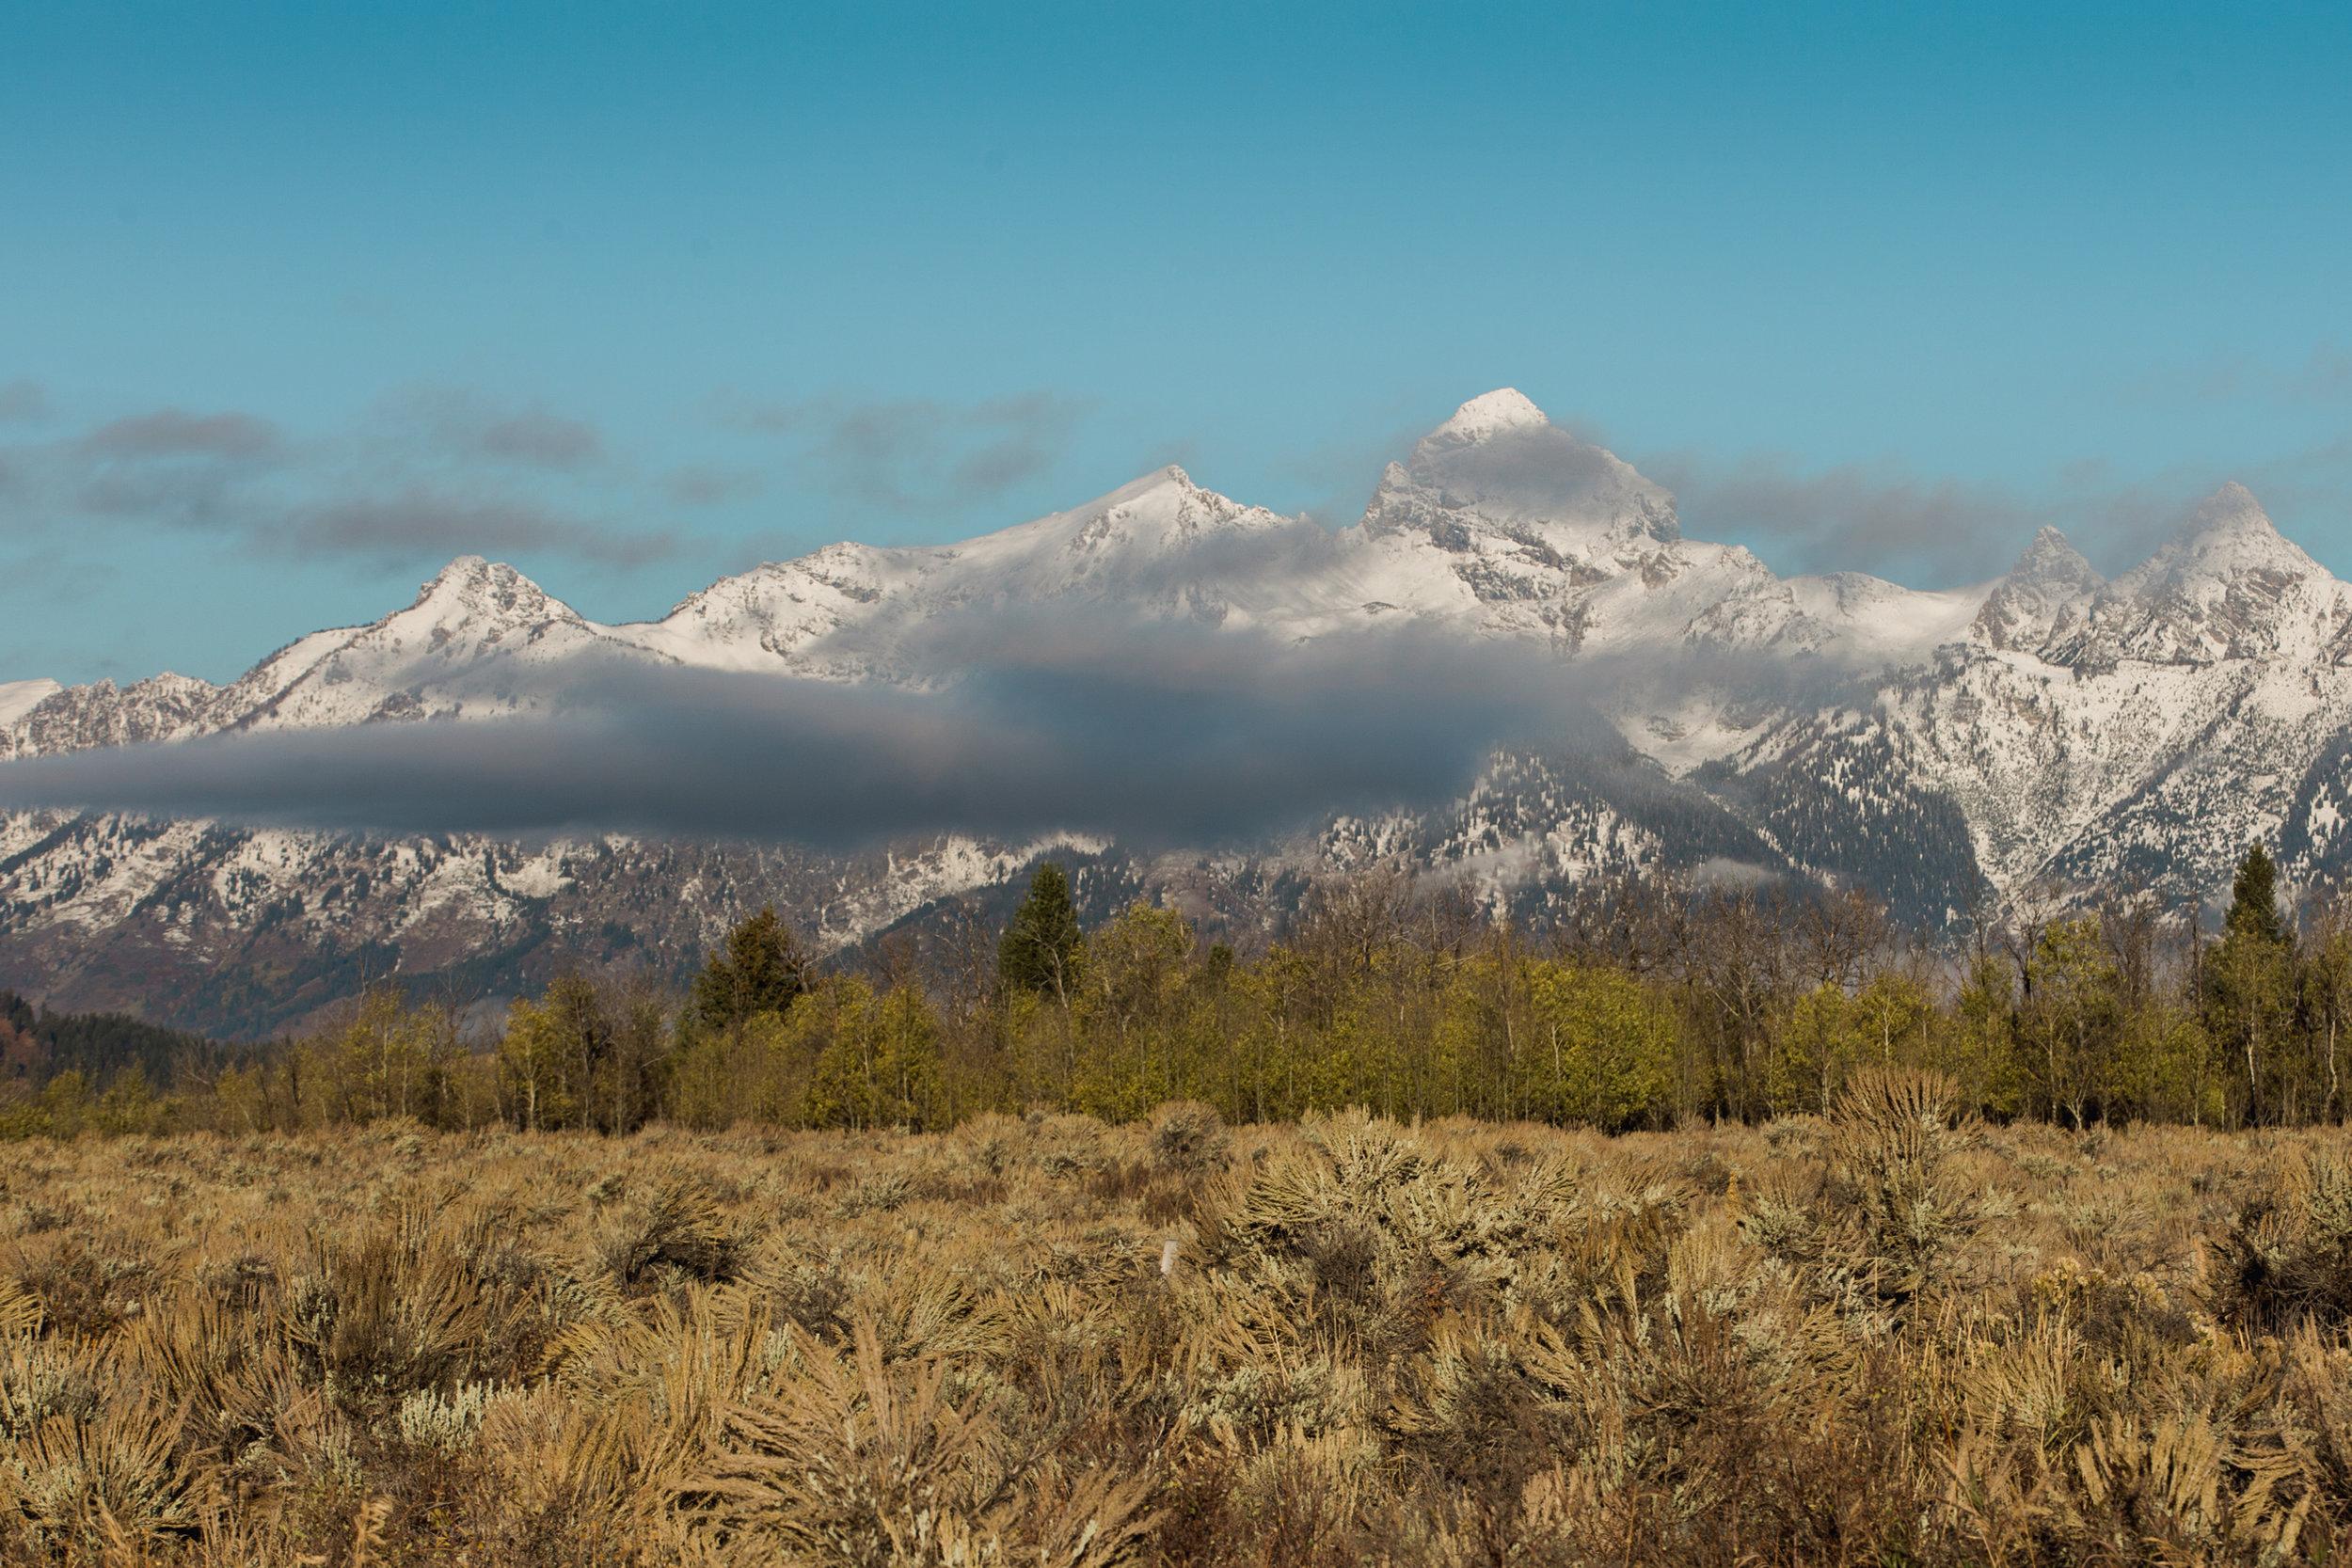 CindyGiovagnoli_Grand_Teton_National_Park_mountains_Bison_Autumn_Wyoming_Mormon_Row_aspens_fall_outdoor_photographer-018.jpg